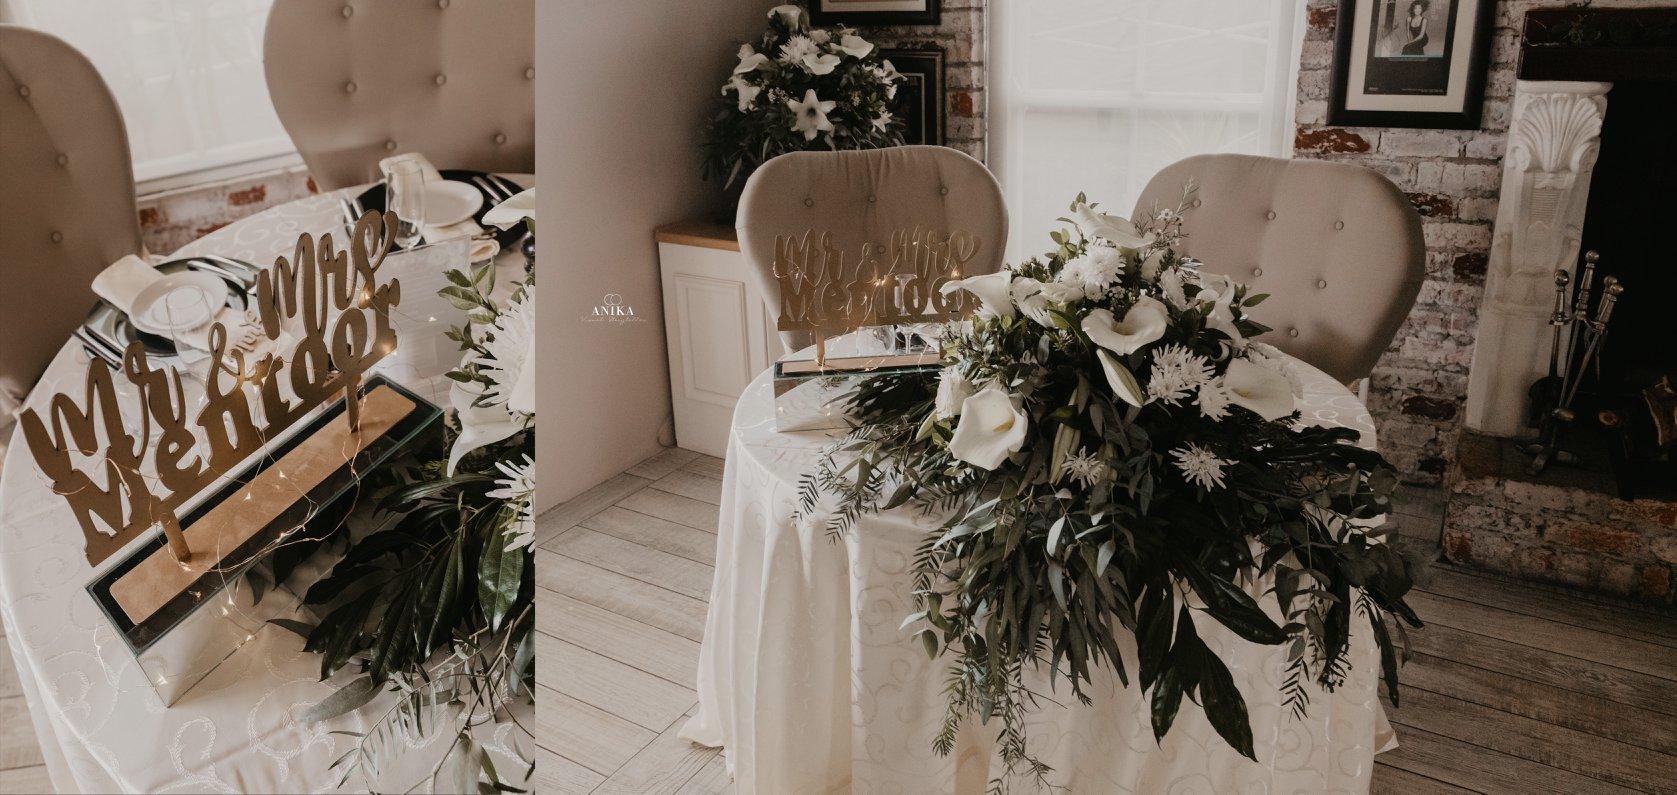 Anika Wedding photos 5